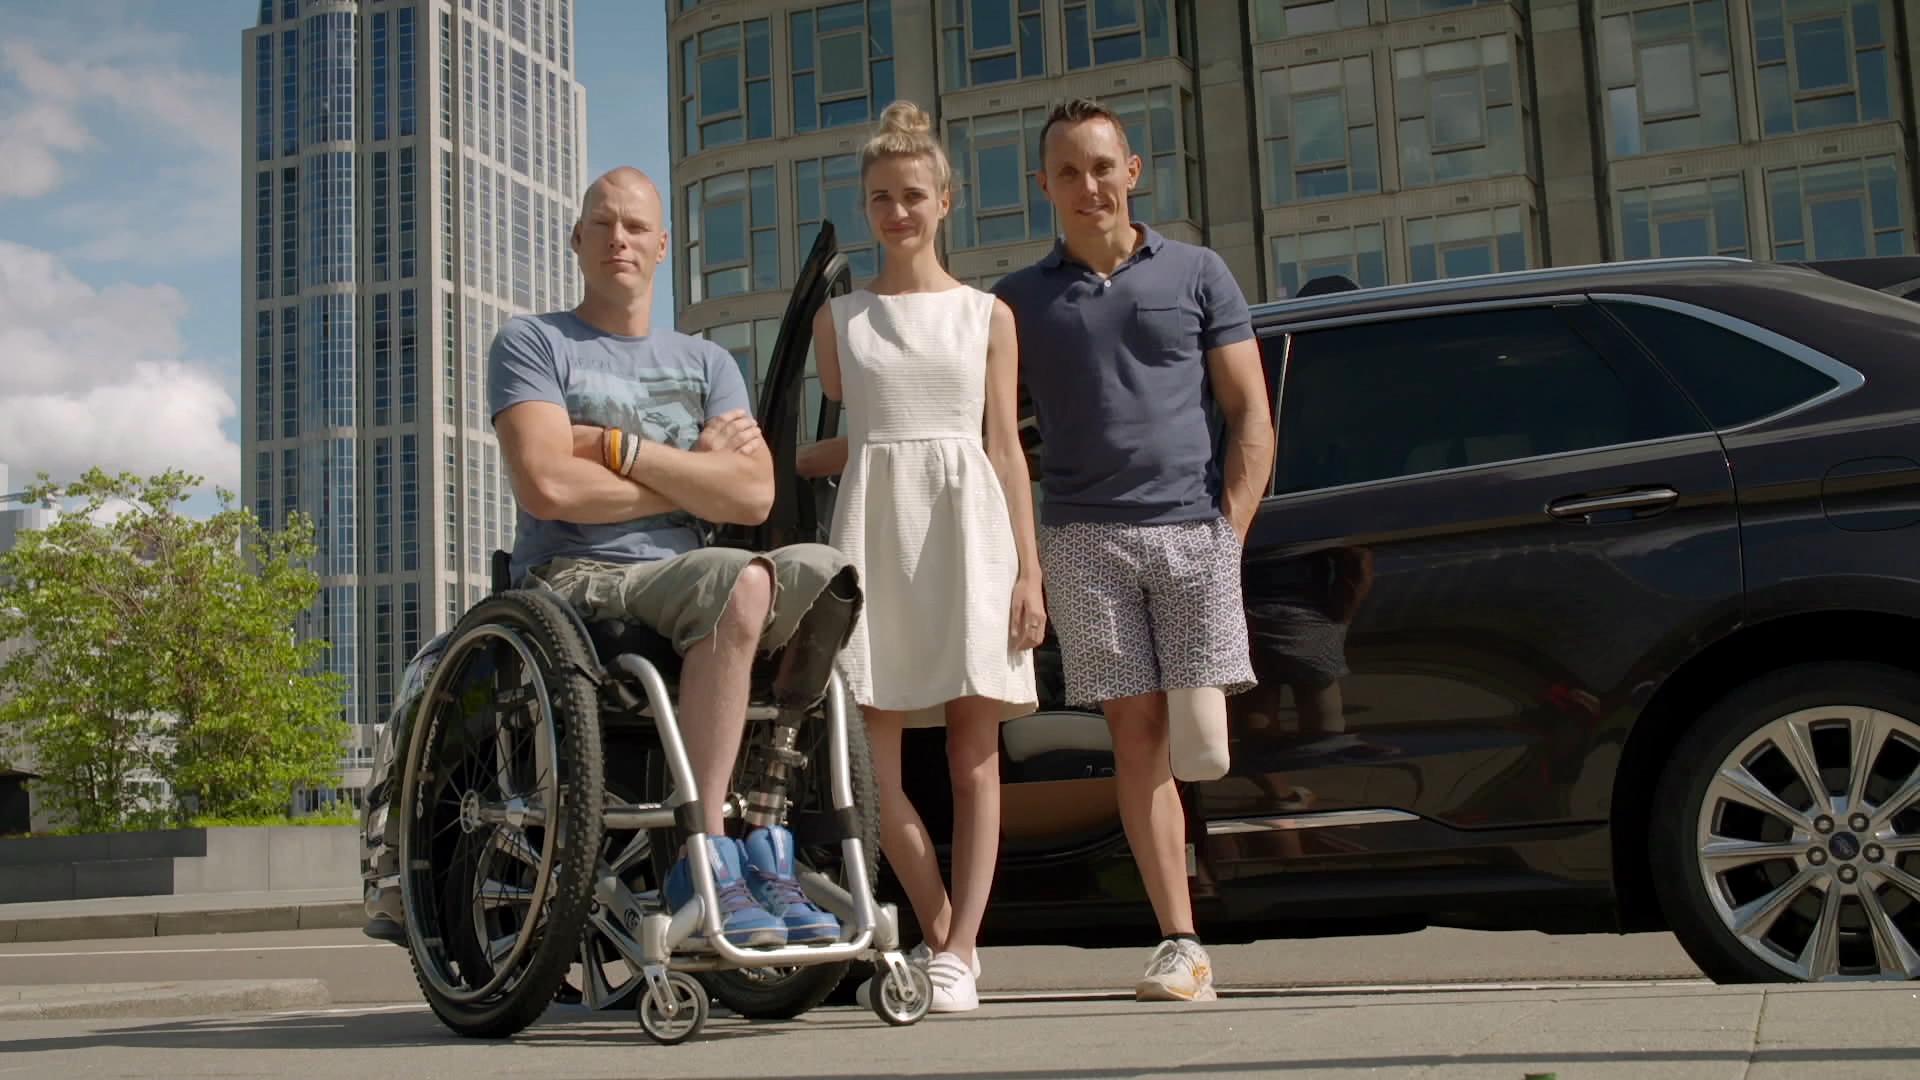 Anders kijken met Ford, disabilitymanagement